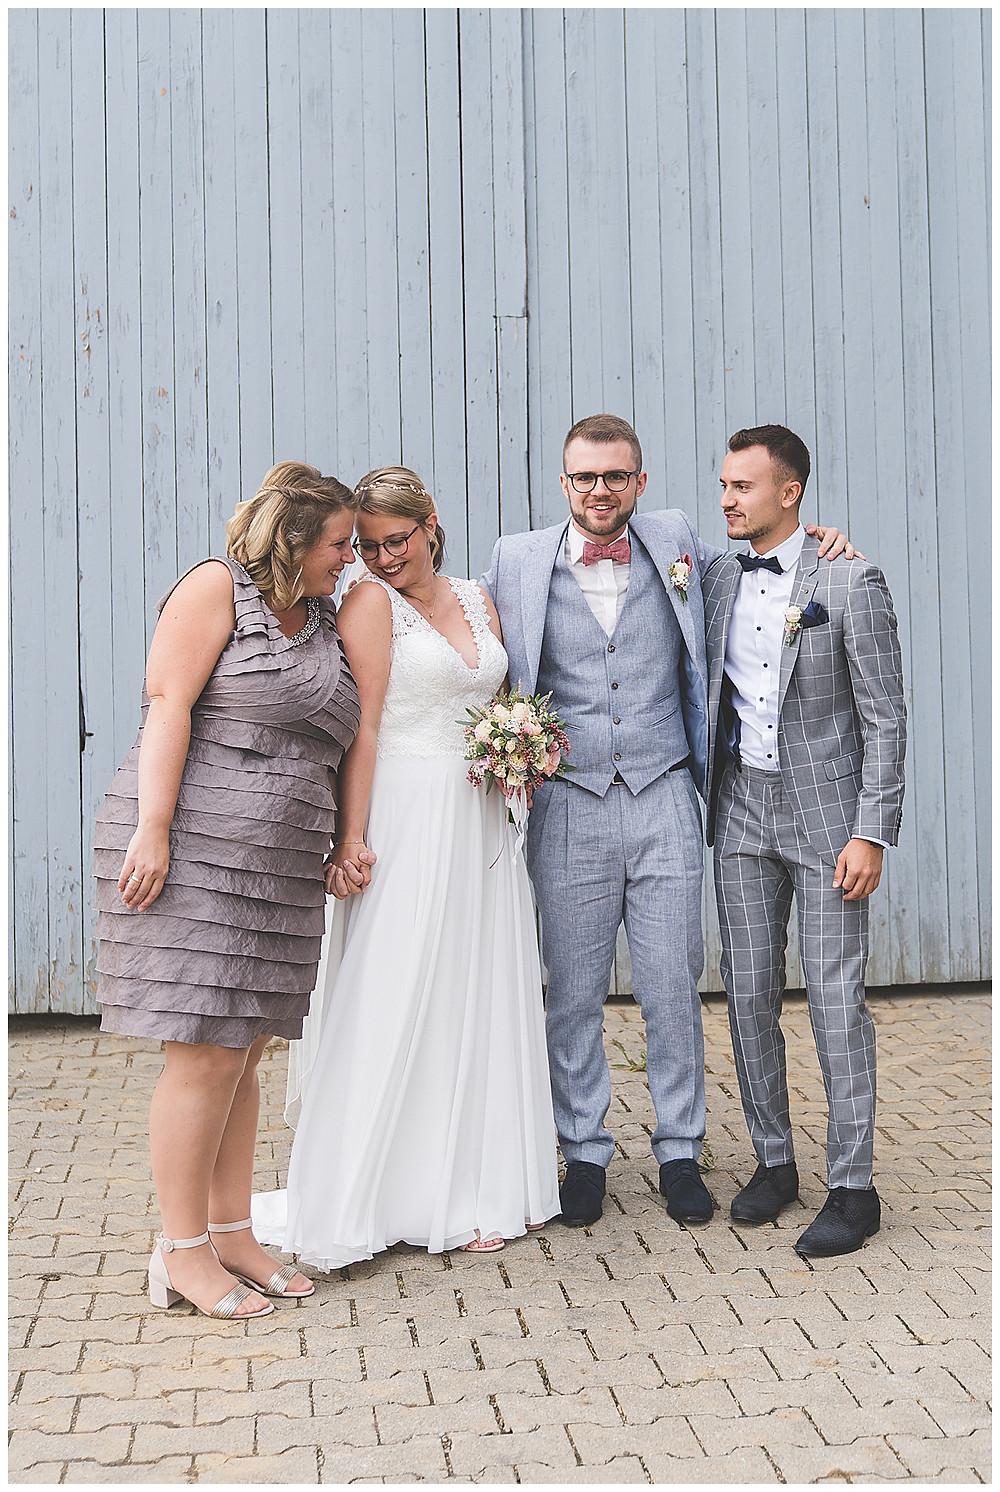 Brautpaar mit Trauzeugen lachend